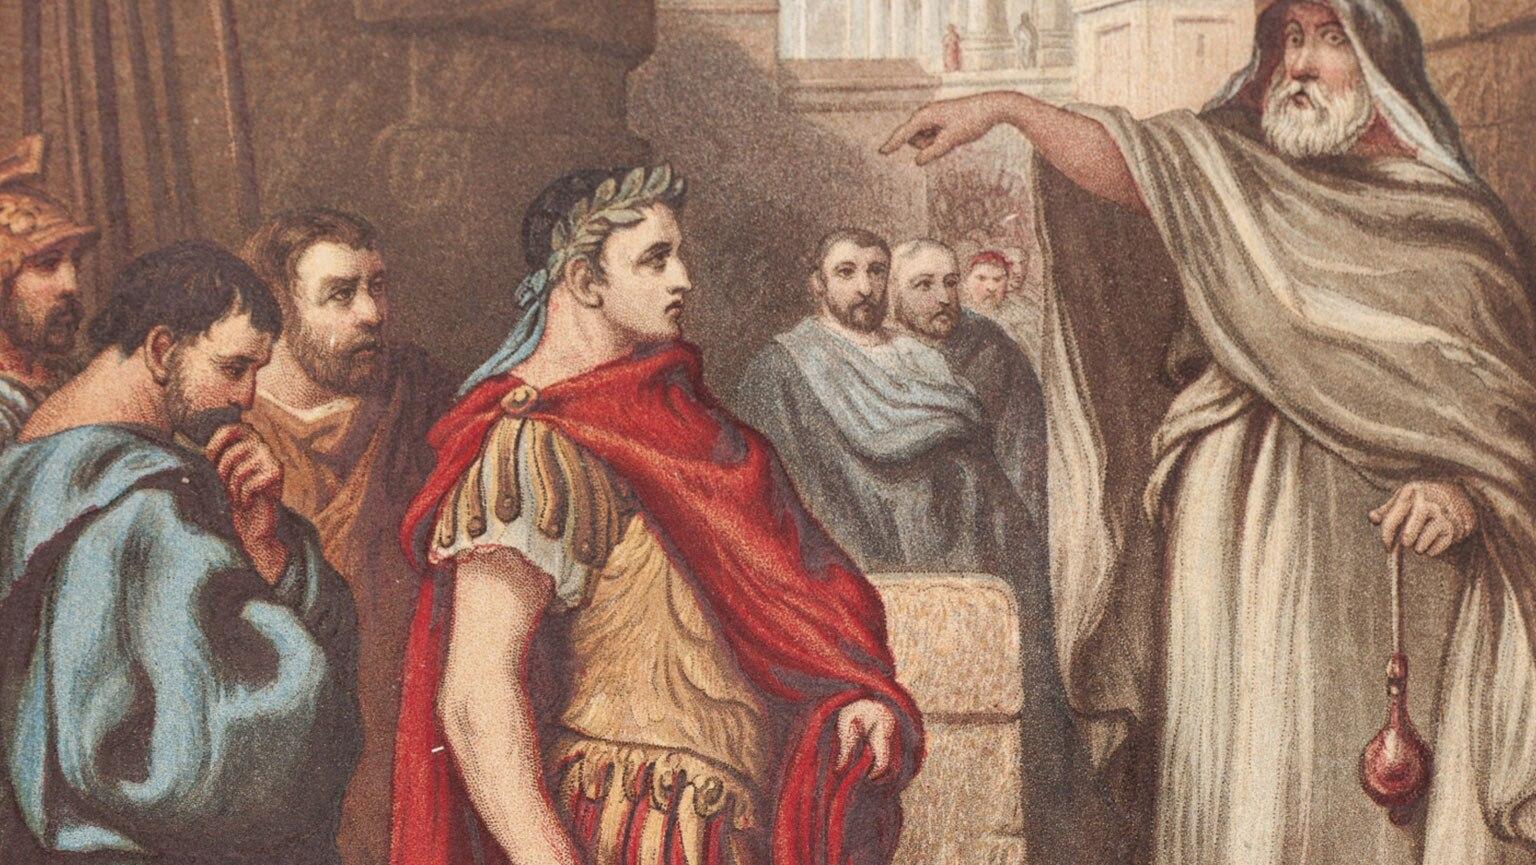 Julius Caesar—Heroes of History